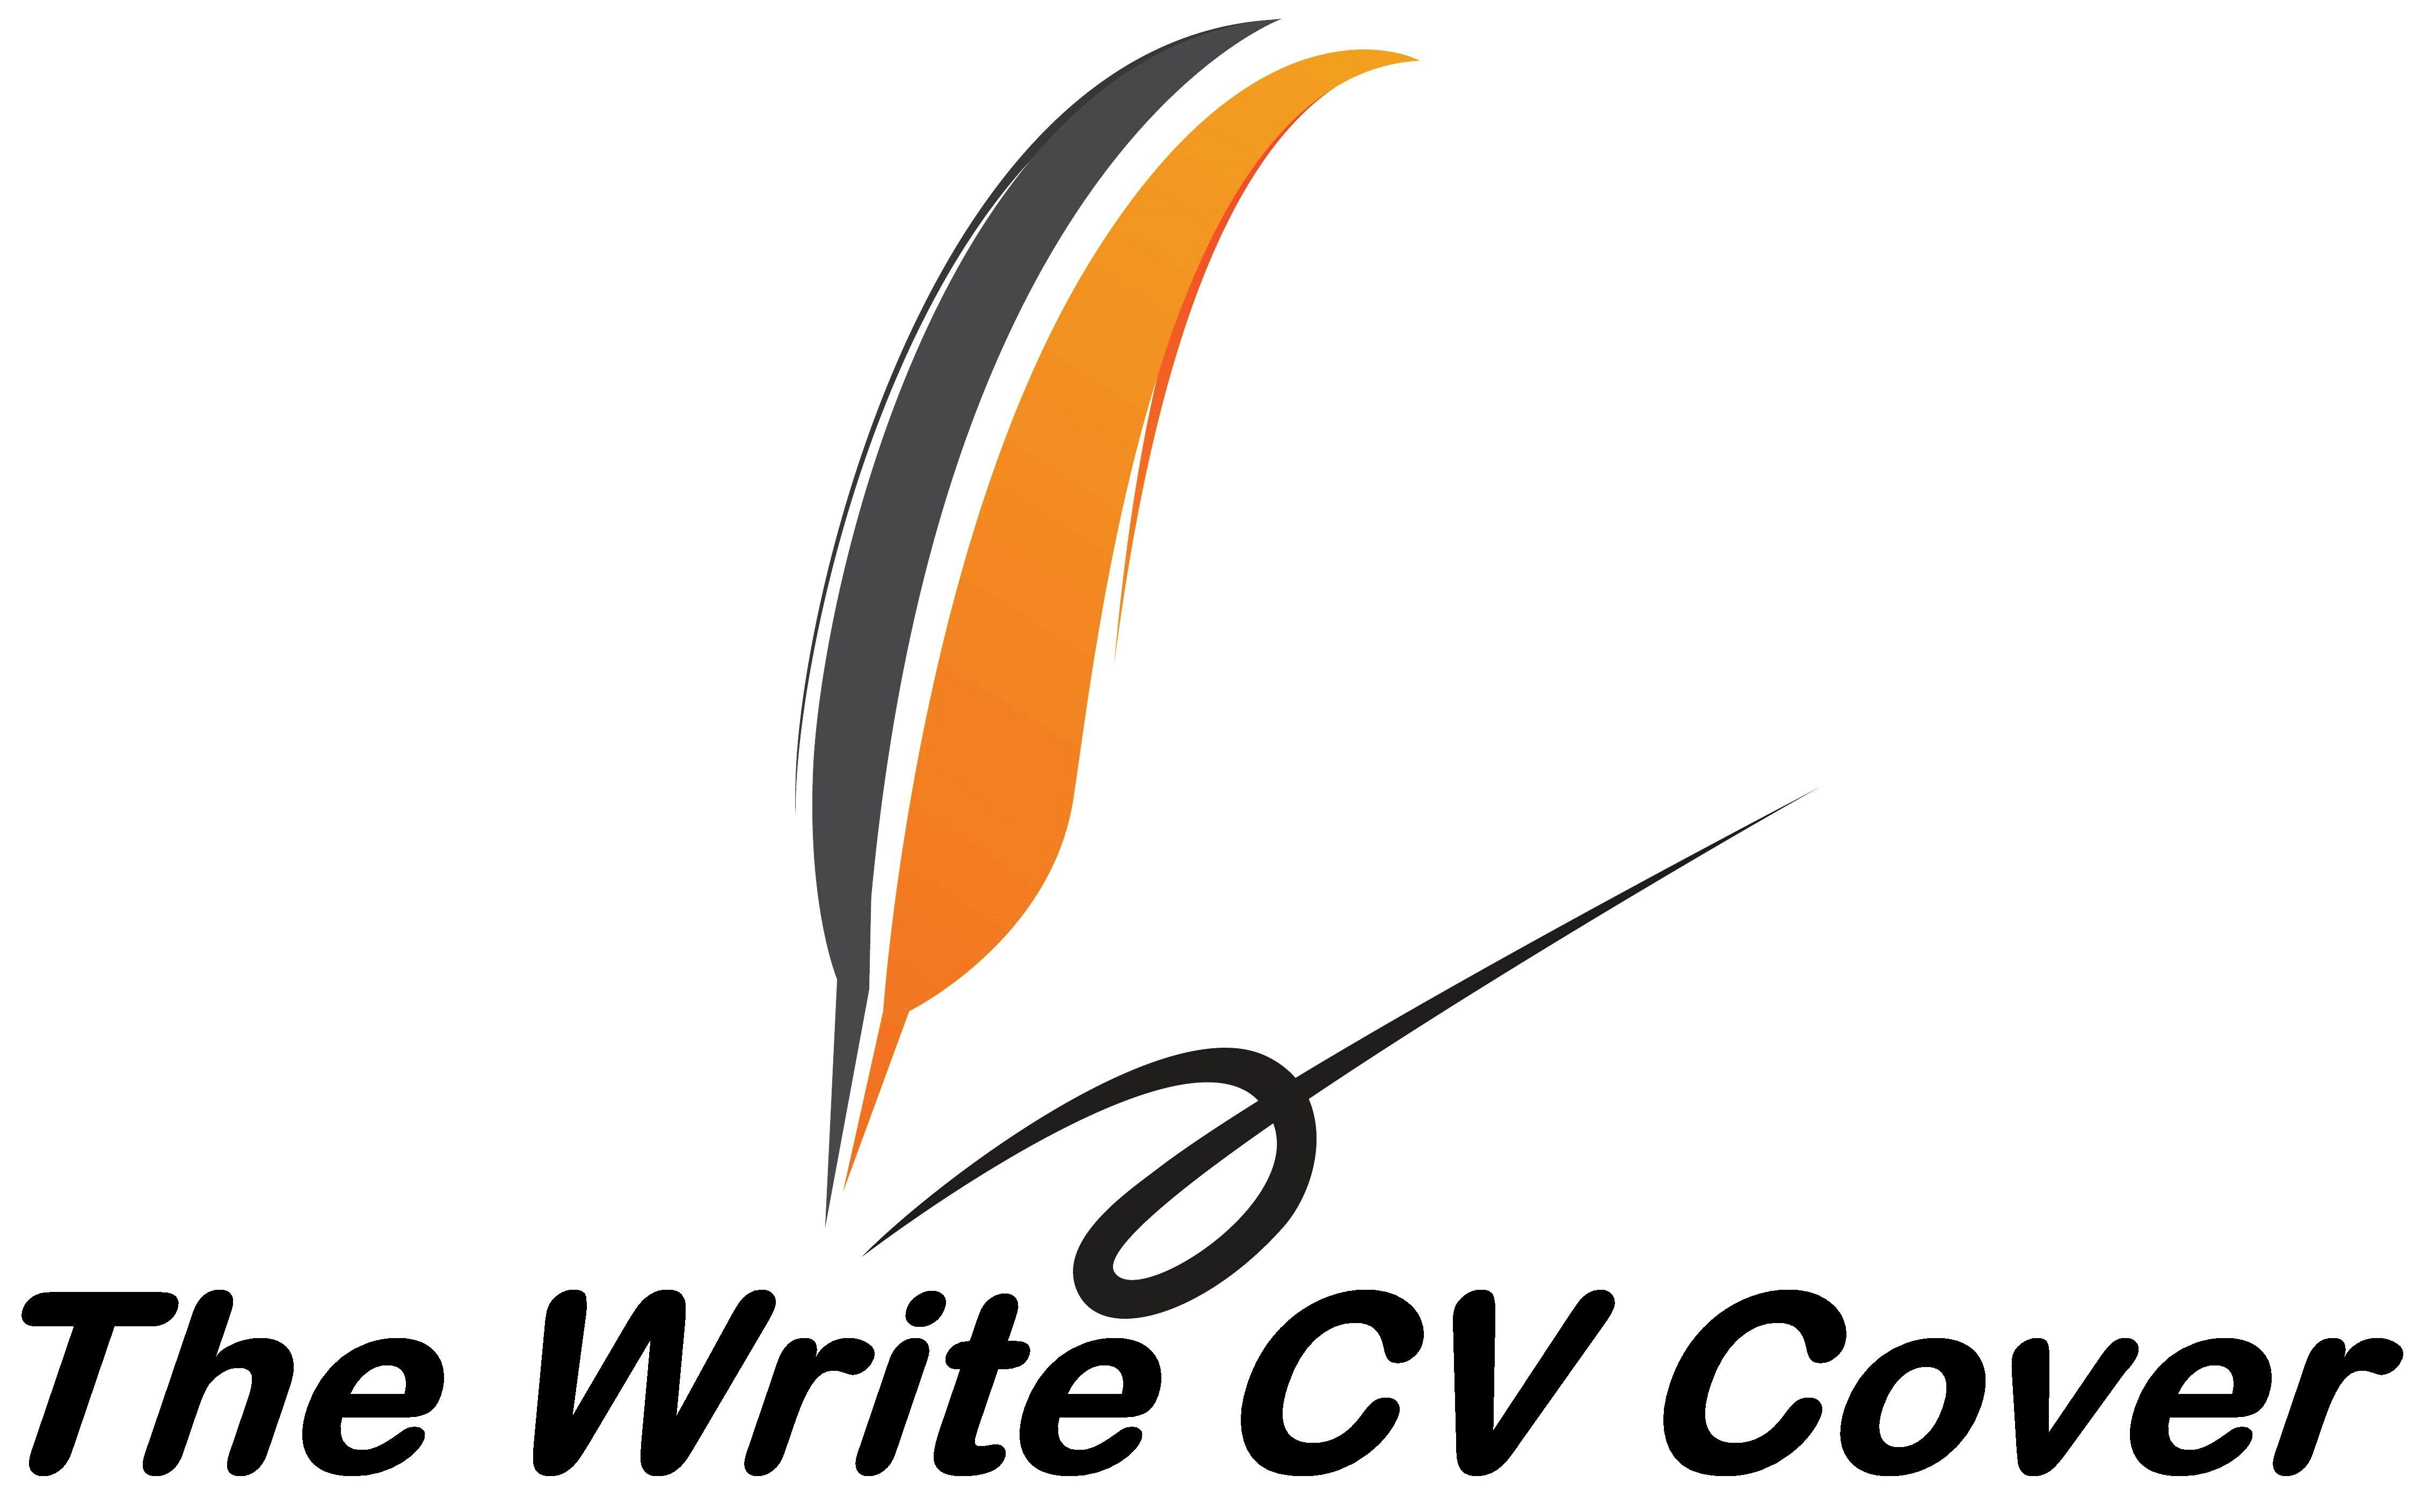 The Write CV Cover